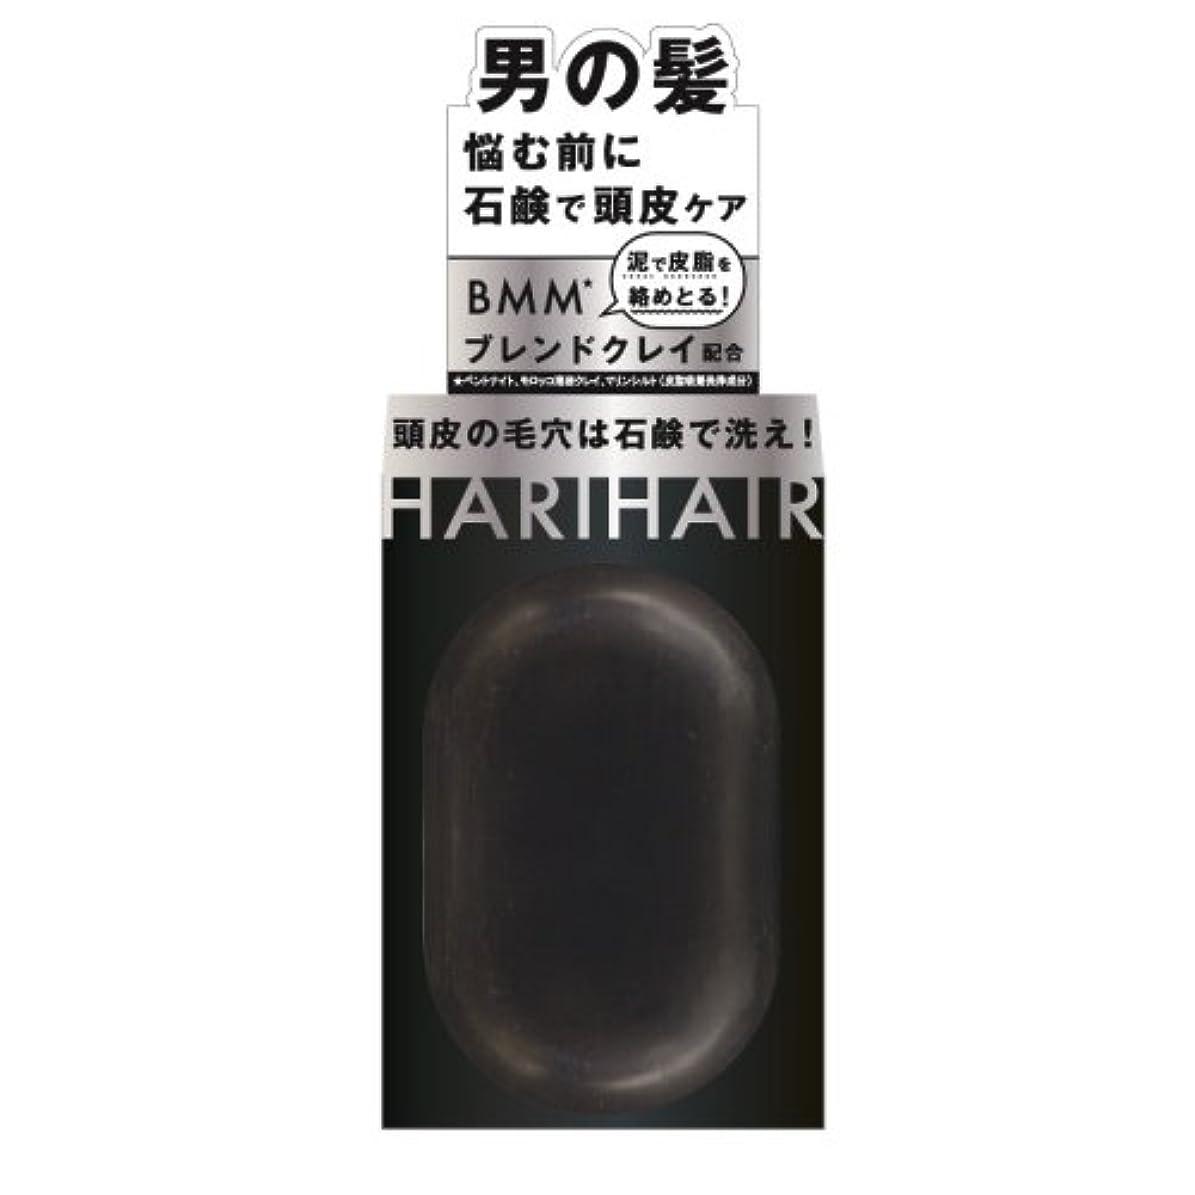 些細うれしいハンカチペリカン石鹸 ハリヘア 固形シャンプー 100g